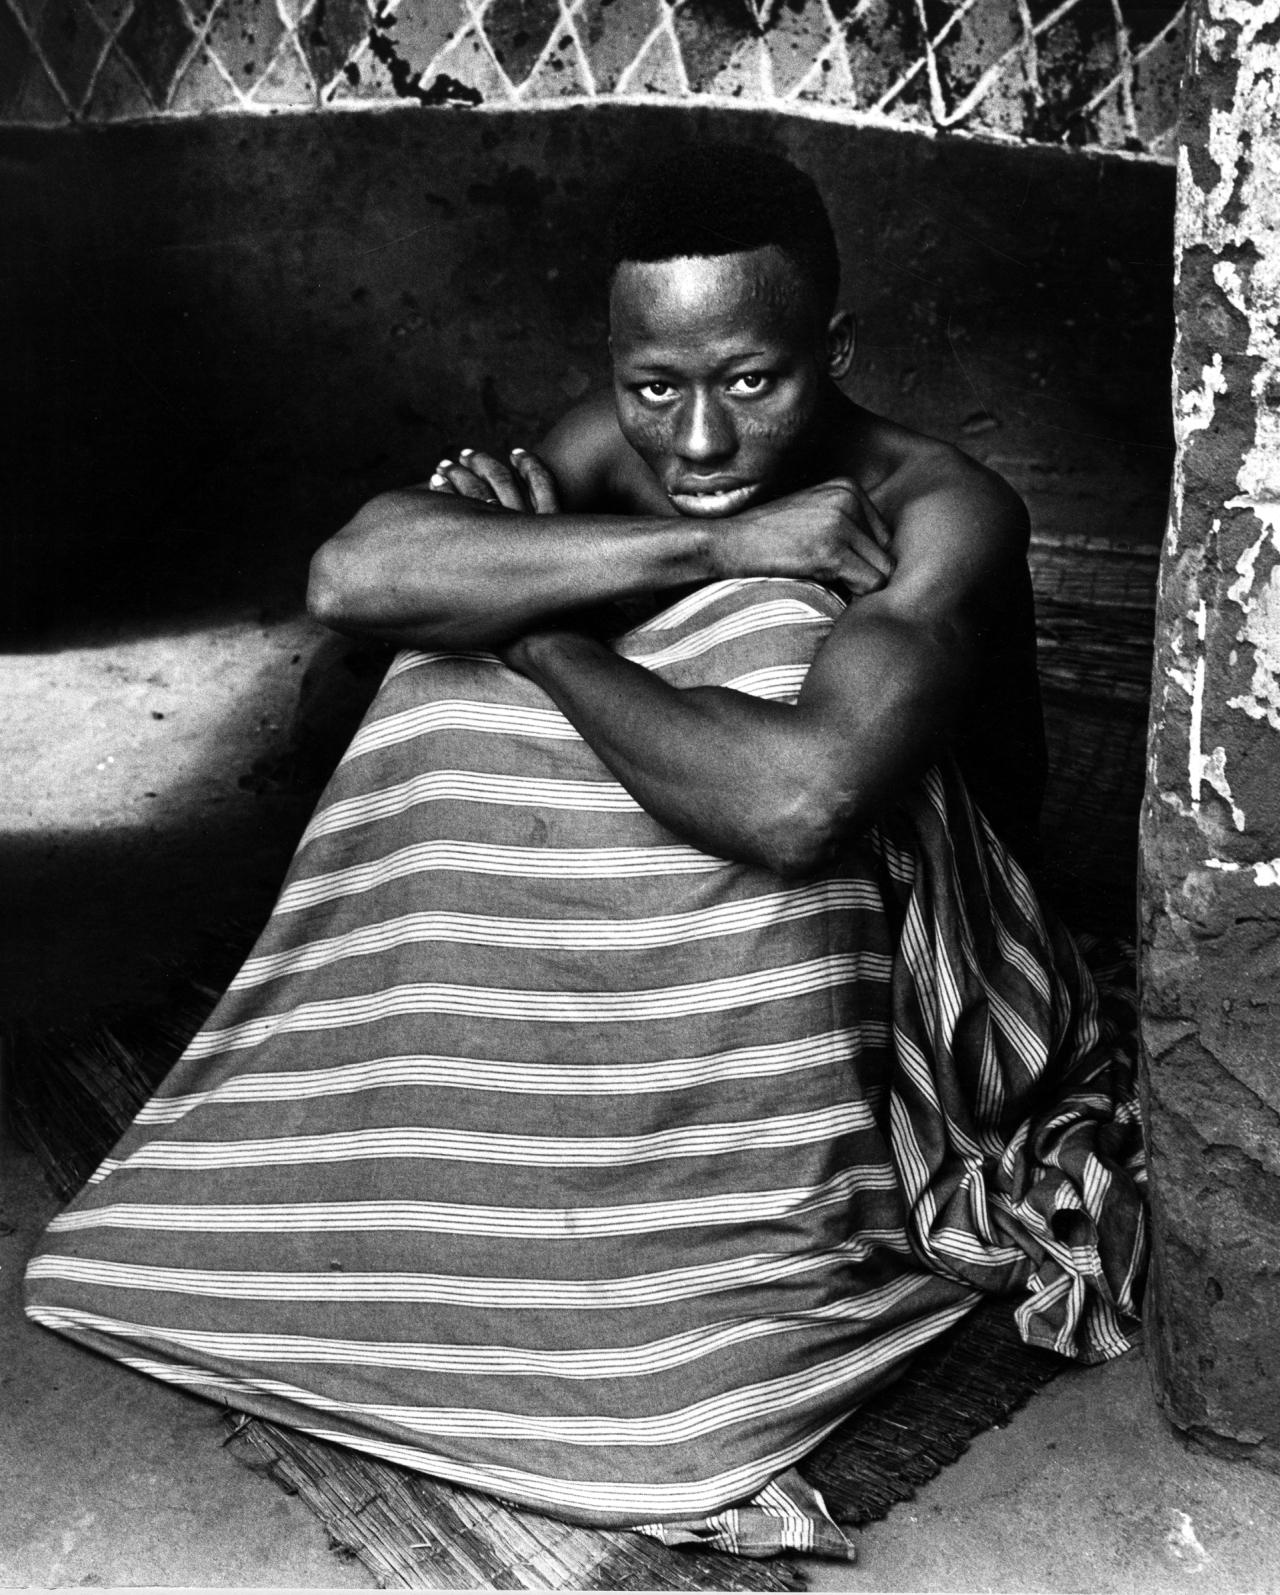 Fotó: Paul Almásy: Portré a Sámánról, Benin, részlet az Istenek és emberek című sorozatból, 1959, 30 x 24 cm, zselatinos ezüst, Magyar Fotográfiai Múzeum